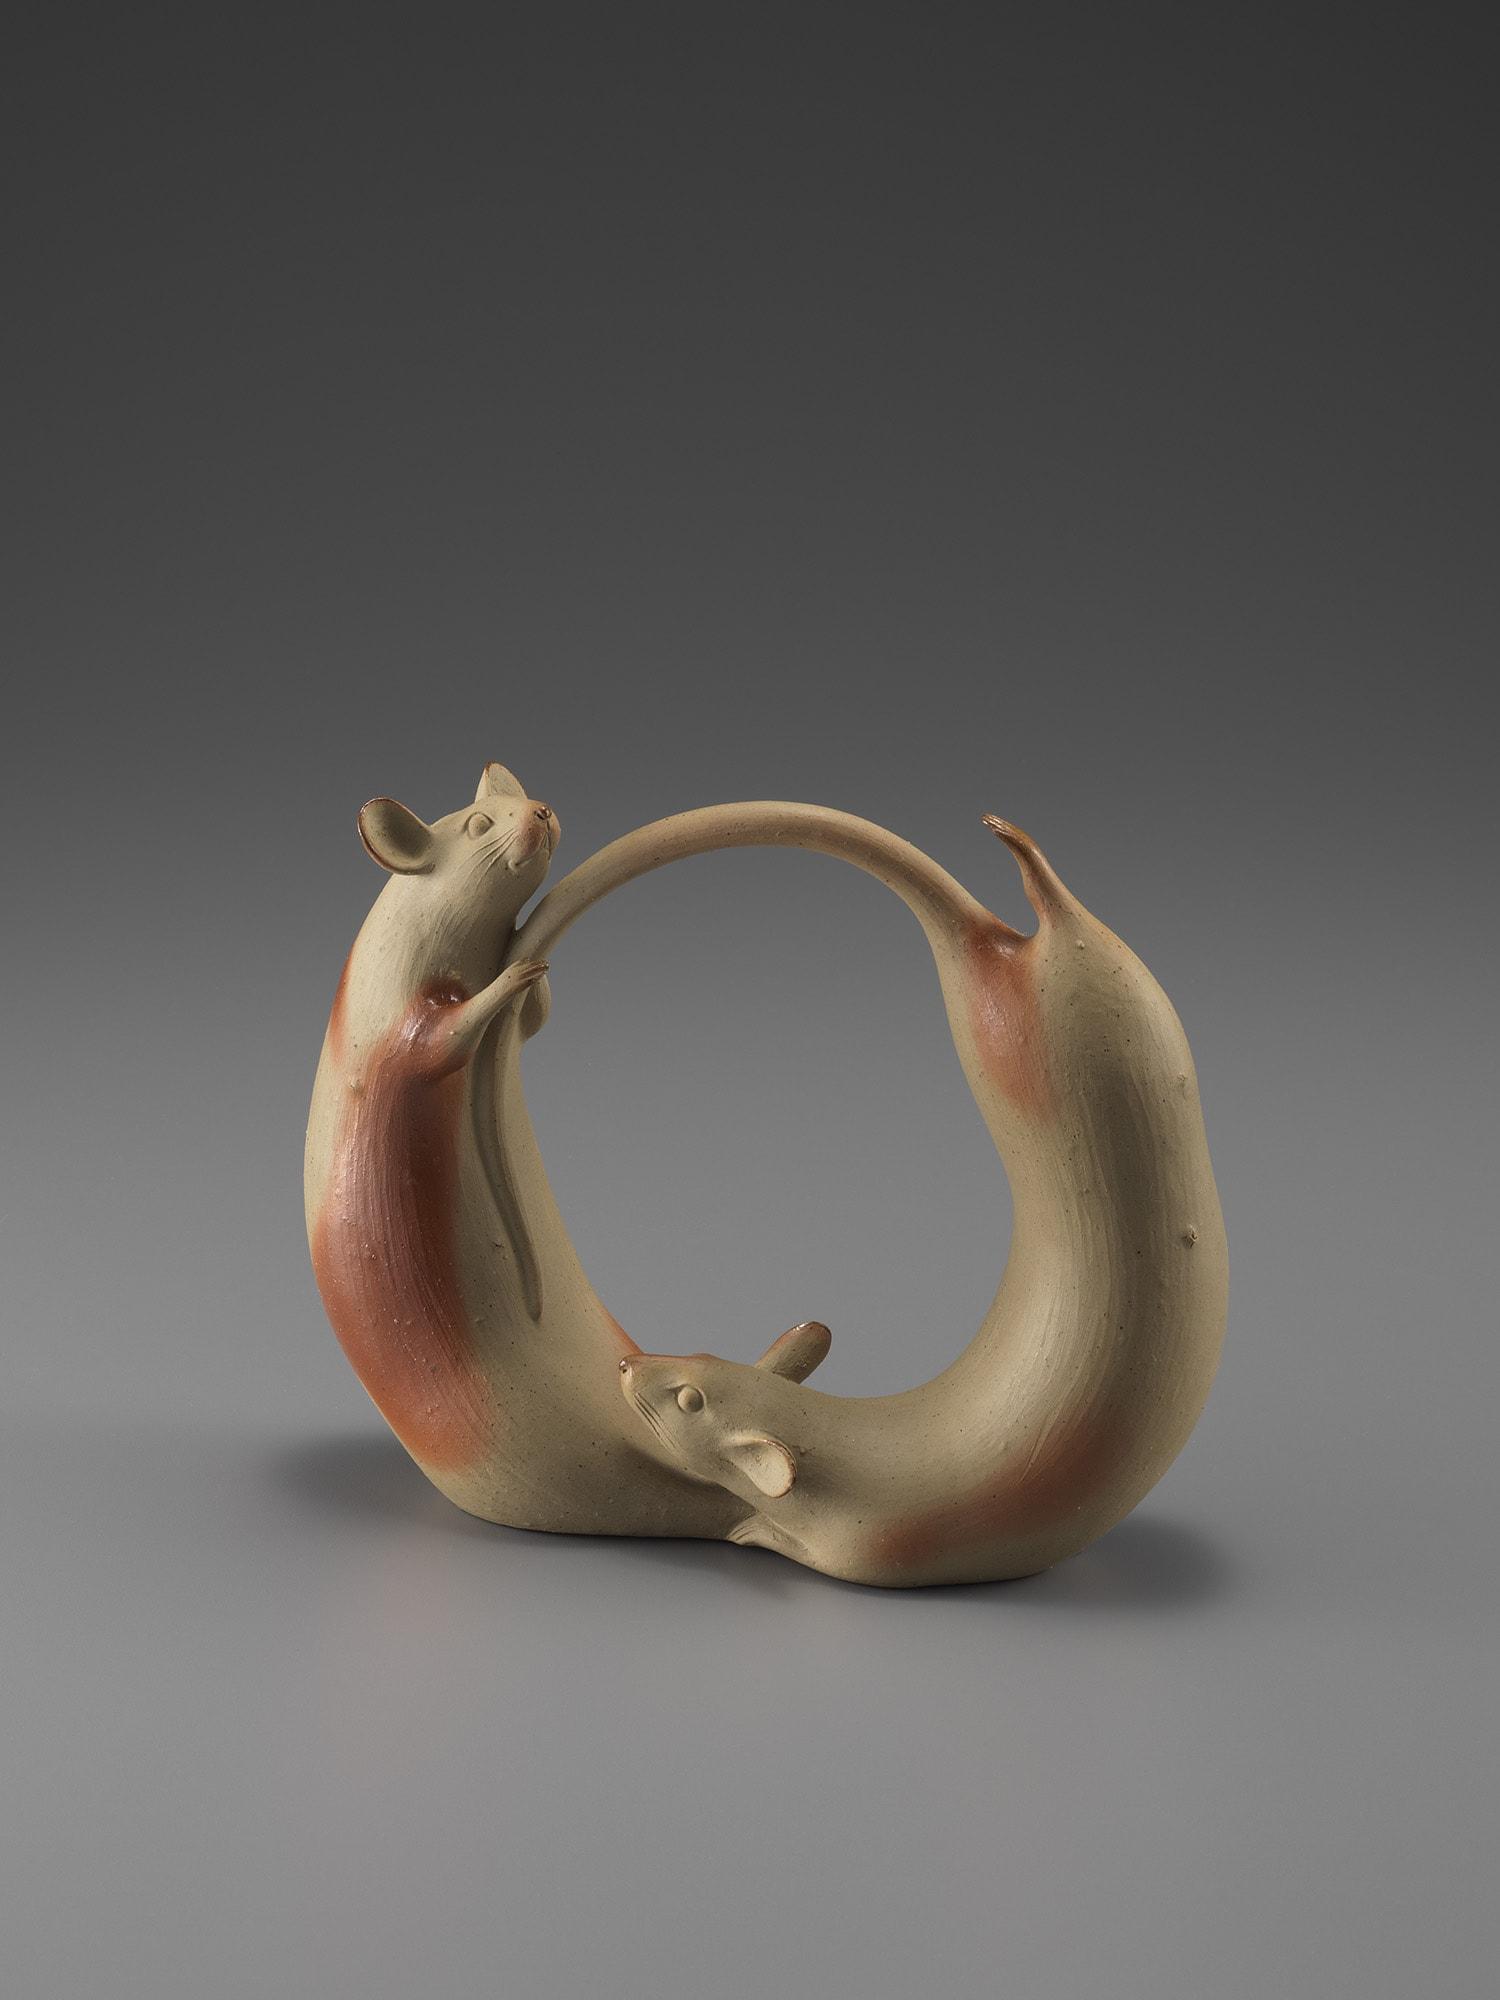 島村光《ネズミノカップル》1983年 個人蔵